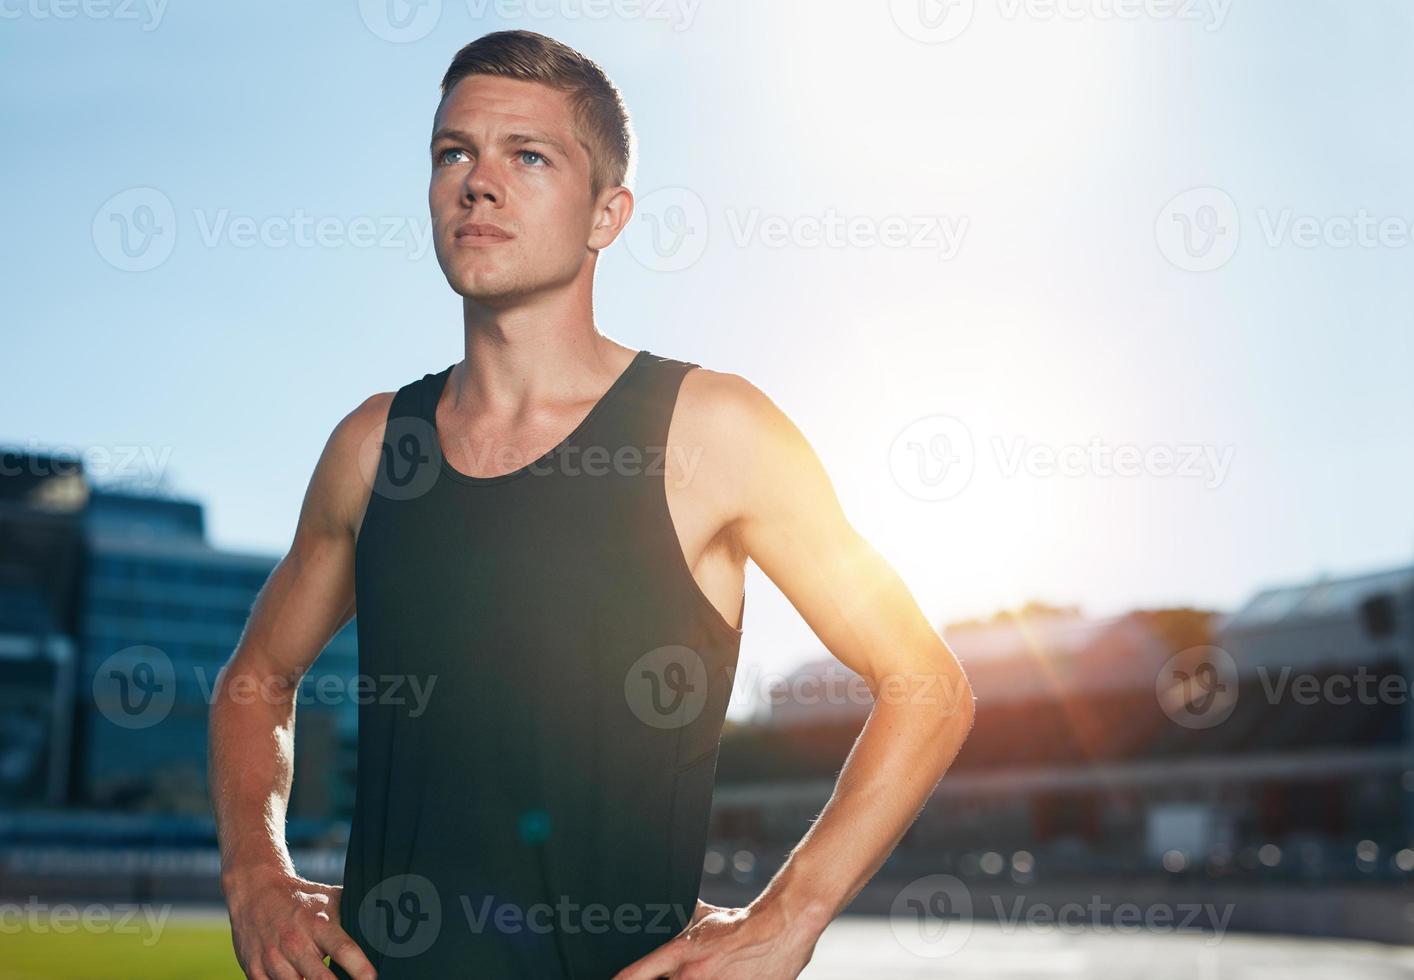 corridore fiducioso sulla pista di atletica leggera foto